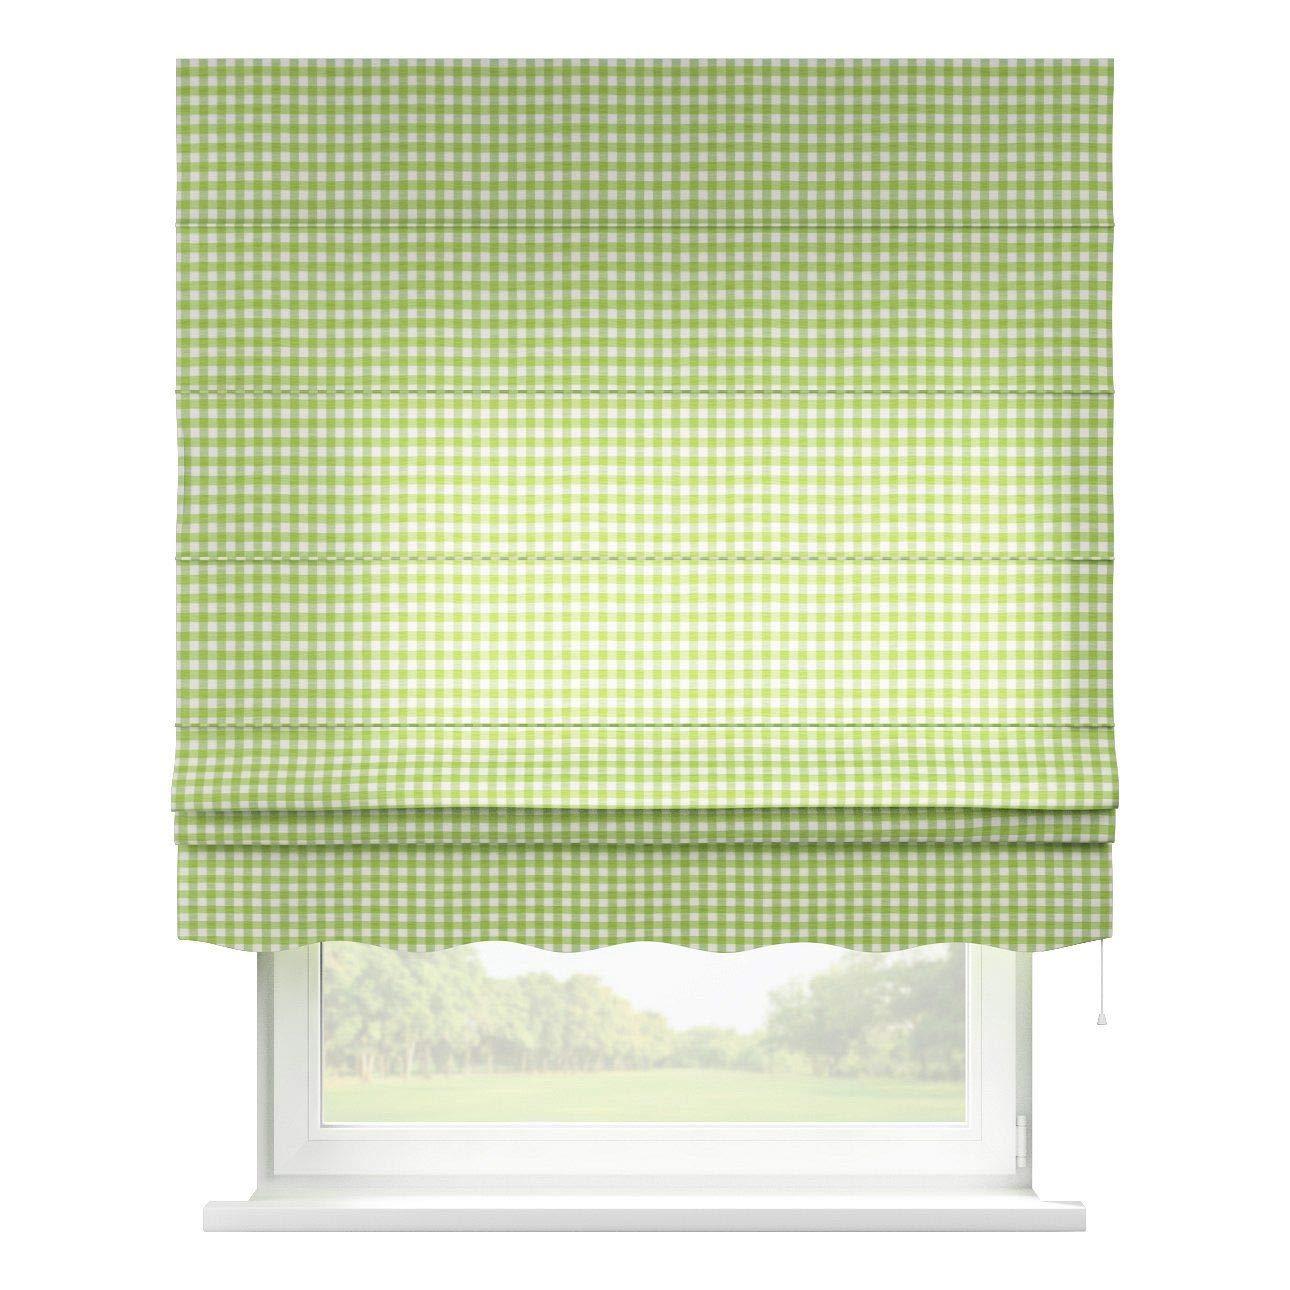 Dekoria Raffrollo Firenze ohne Bohren Blickdicht Faltvorhang Raffgardine Wohnzimmer Schlafzimmer Kinderzimmer 130 × 170 cm Weiss-grün kariert Raffrollos auf Maß maßanfertigung möglich